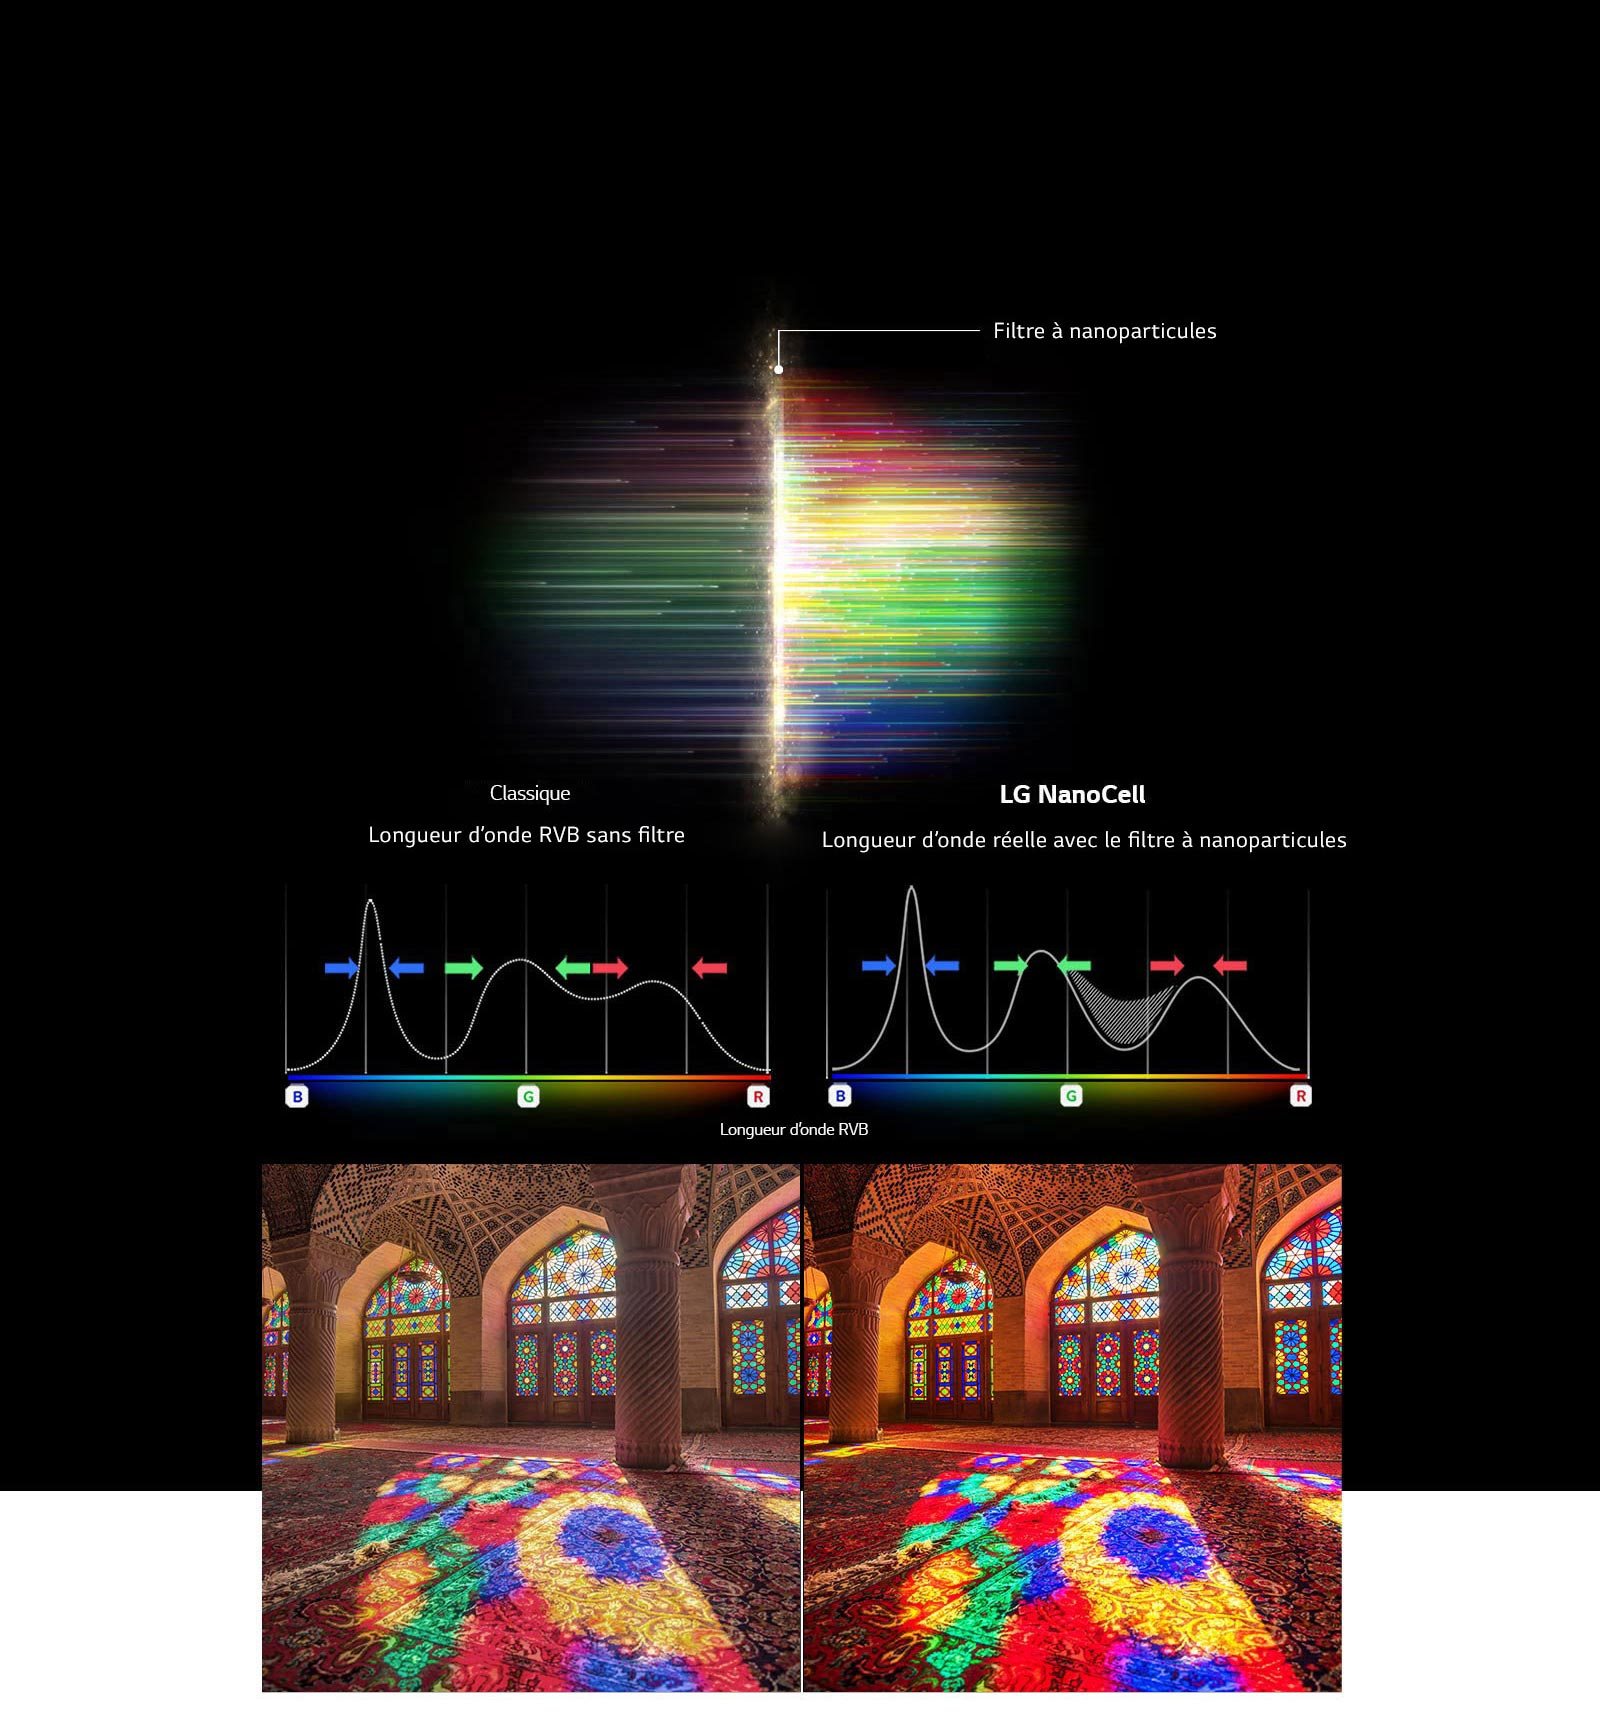 Le graphique du spectre RVB montre le filtrage des couleurs et des images ternes en comparant la pureté des couleurs entre la technologie conventionnelle et la technologie NanoCell.